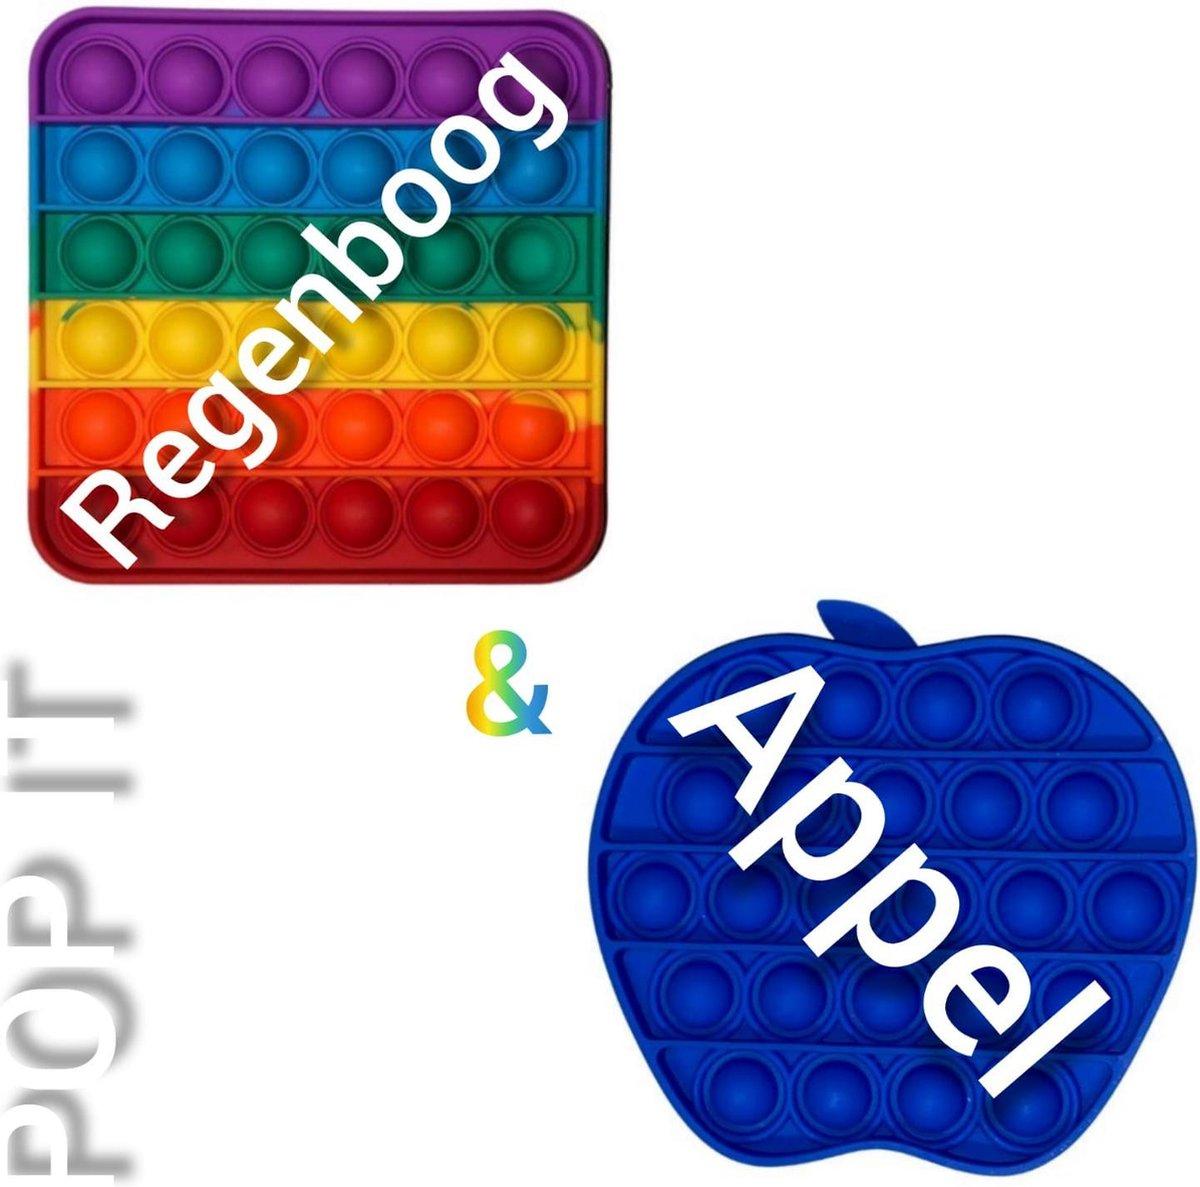 Fidget toys | Pop IT | Fidget toys pakket set van 2 stuks | Regenboog vierkant + Appel blauw | Meisjes√ jongens√ volwassenen√ | Trend 2021 | Anti stress | Cadeautip _ Leuk voor zwembad